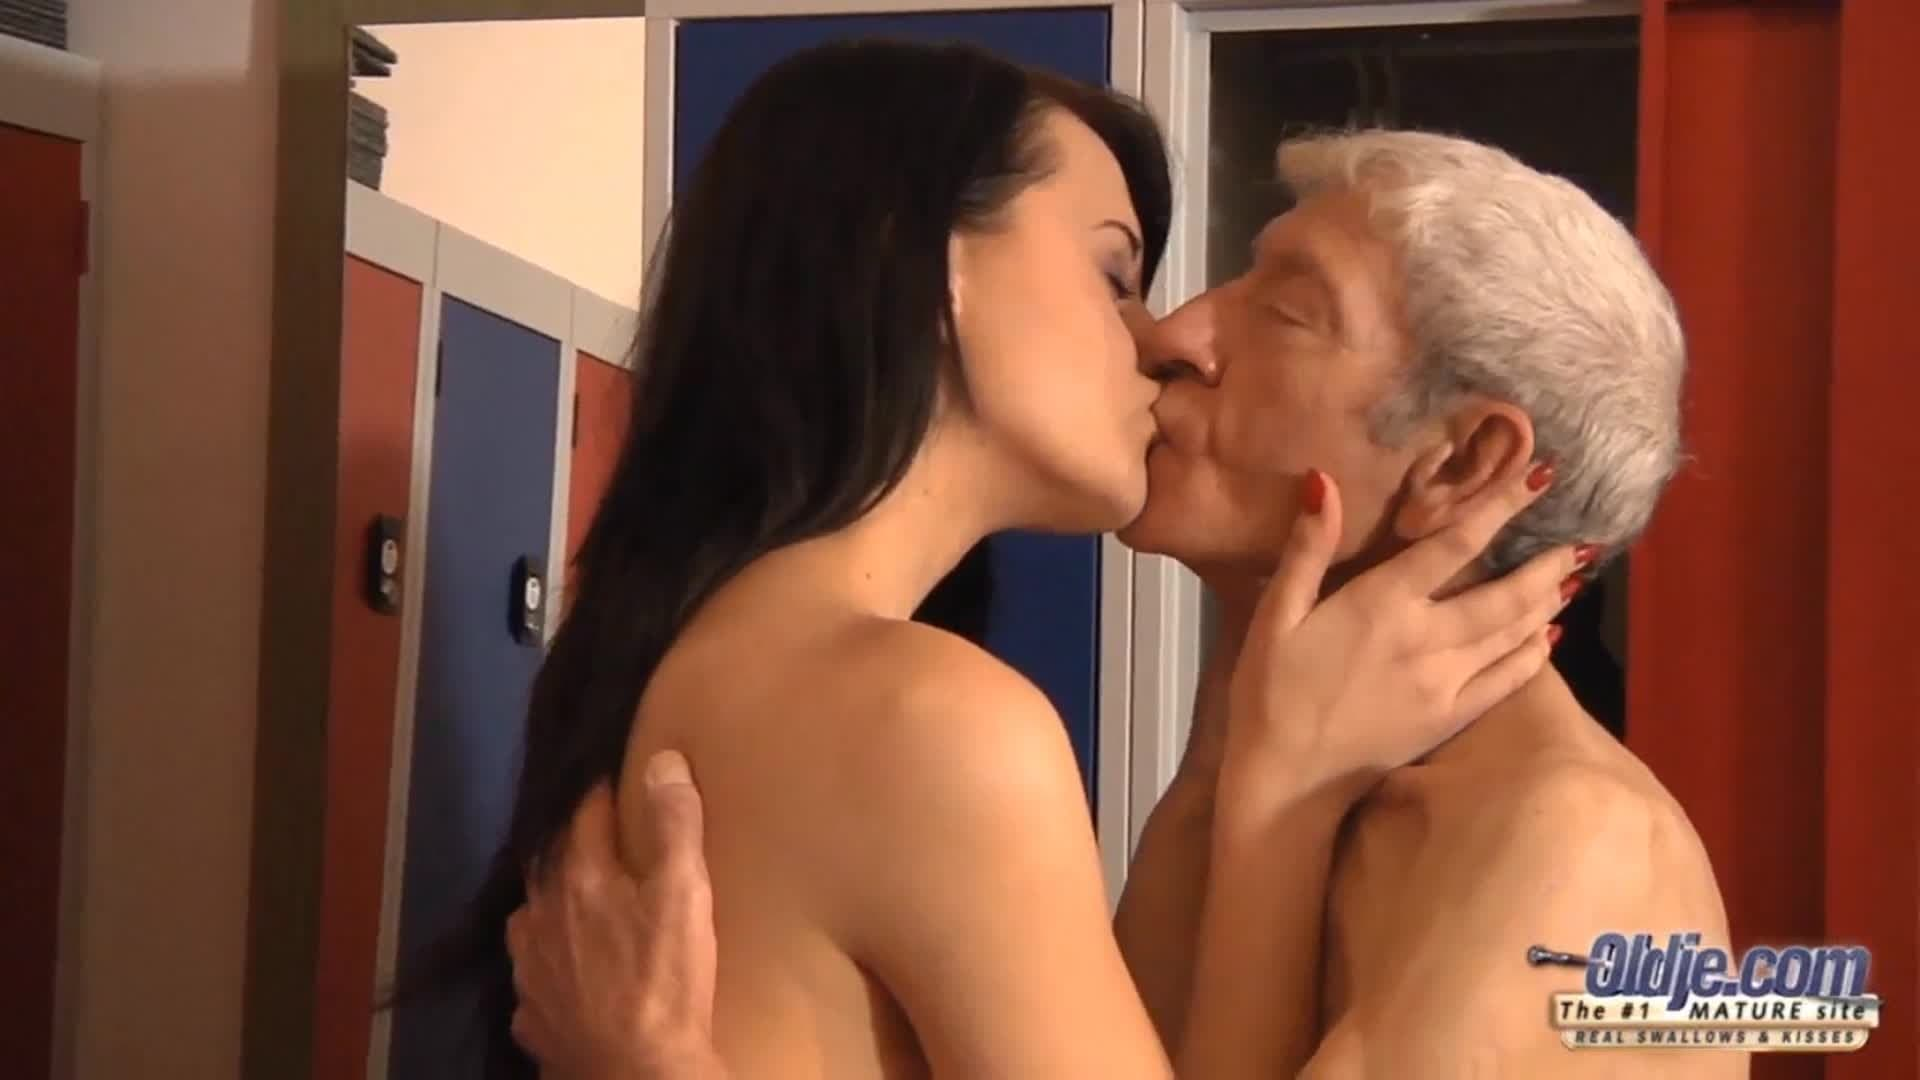 Austria Gay Porn casting-porno zu einem unerfahrenen rotschopf